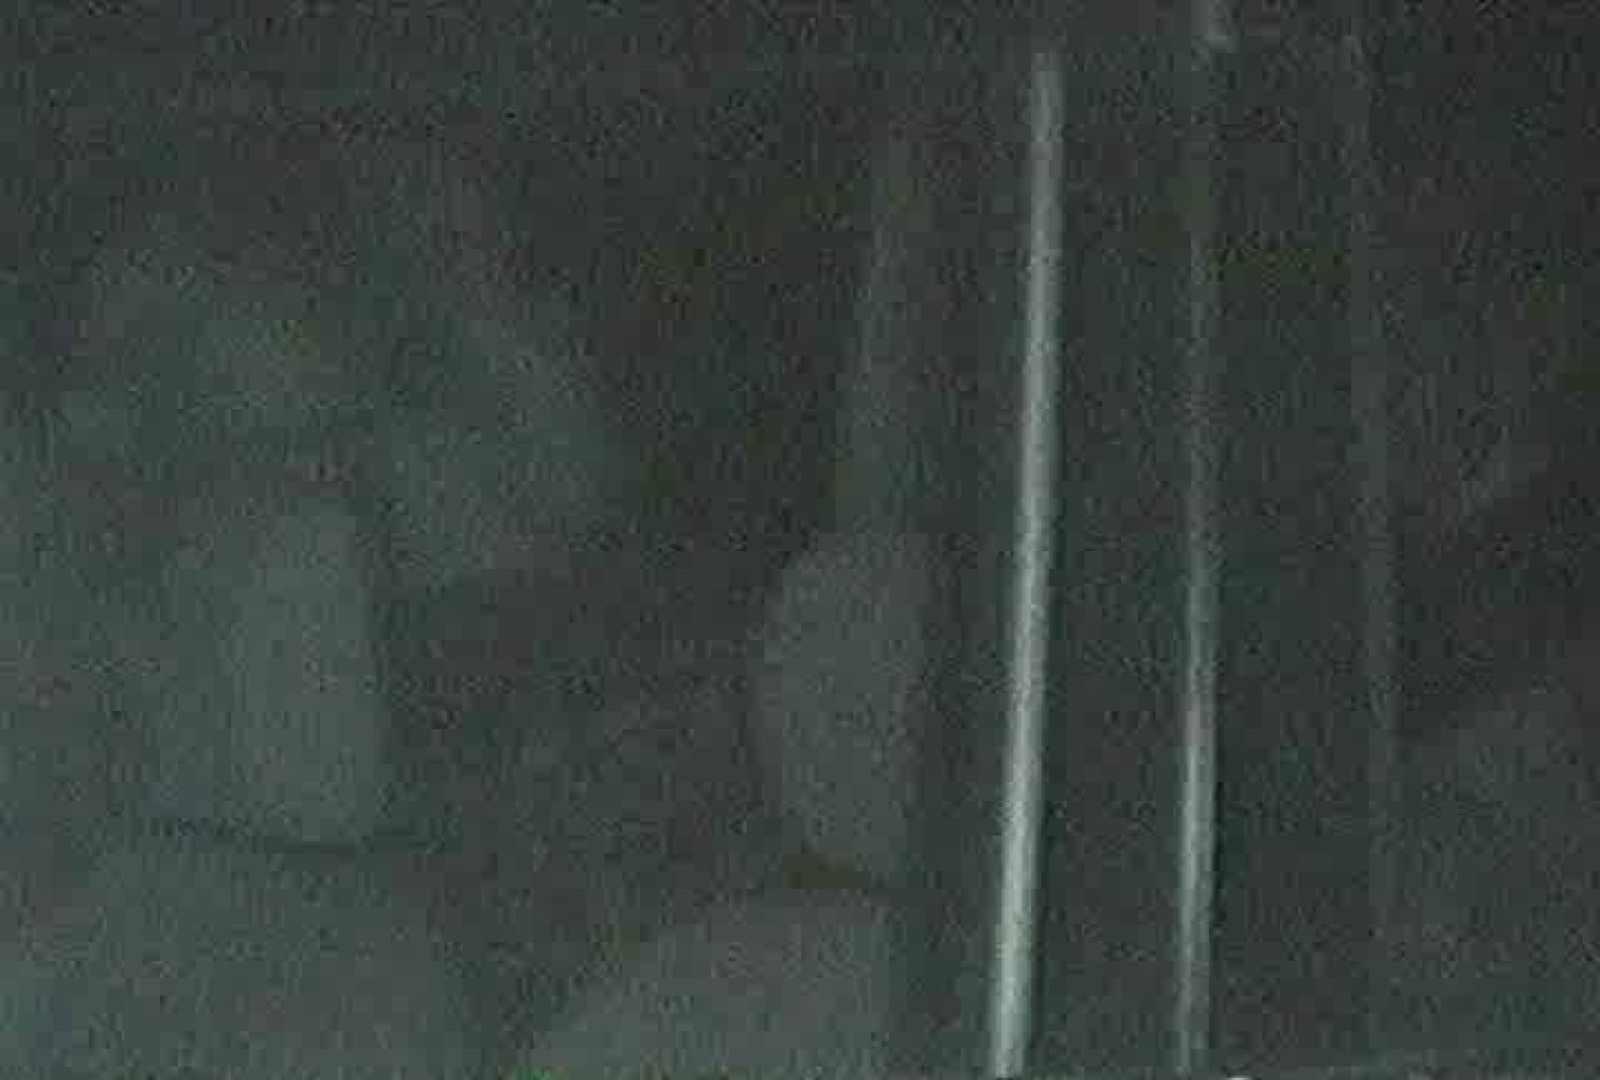 充血監督の深夜の運動会Vol.56 エロティックなOL 盗撮動画紹介 103画像 59